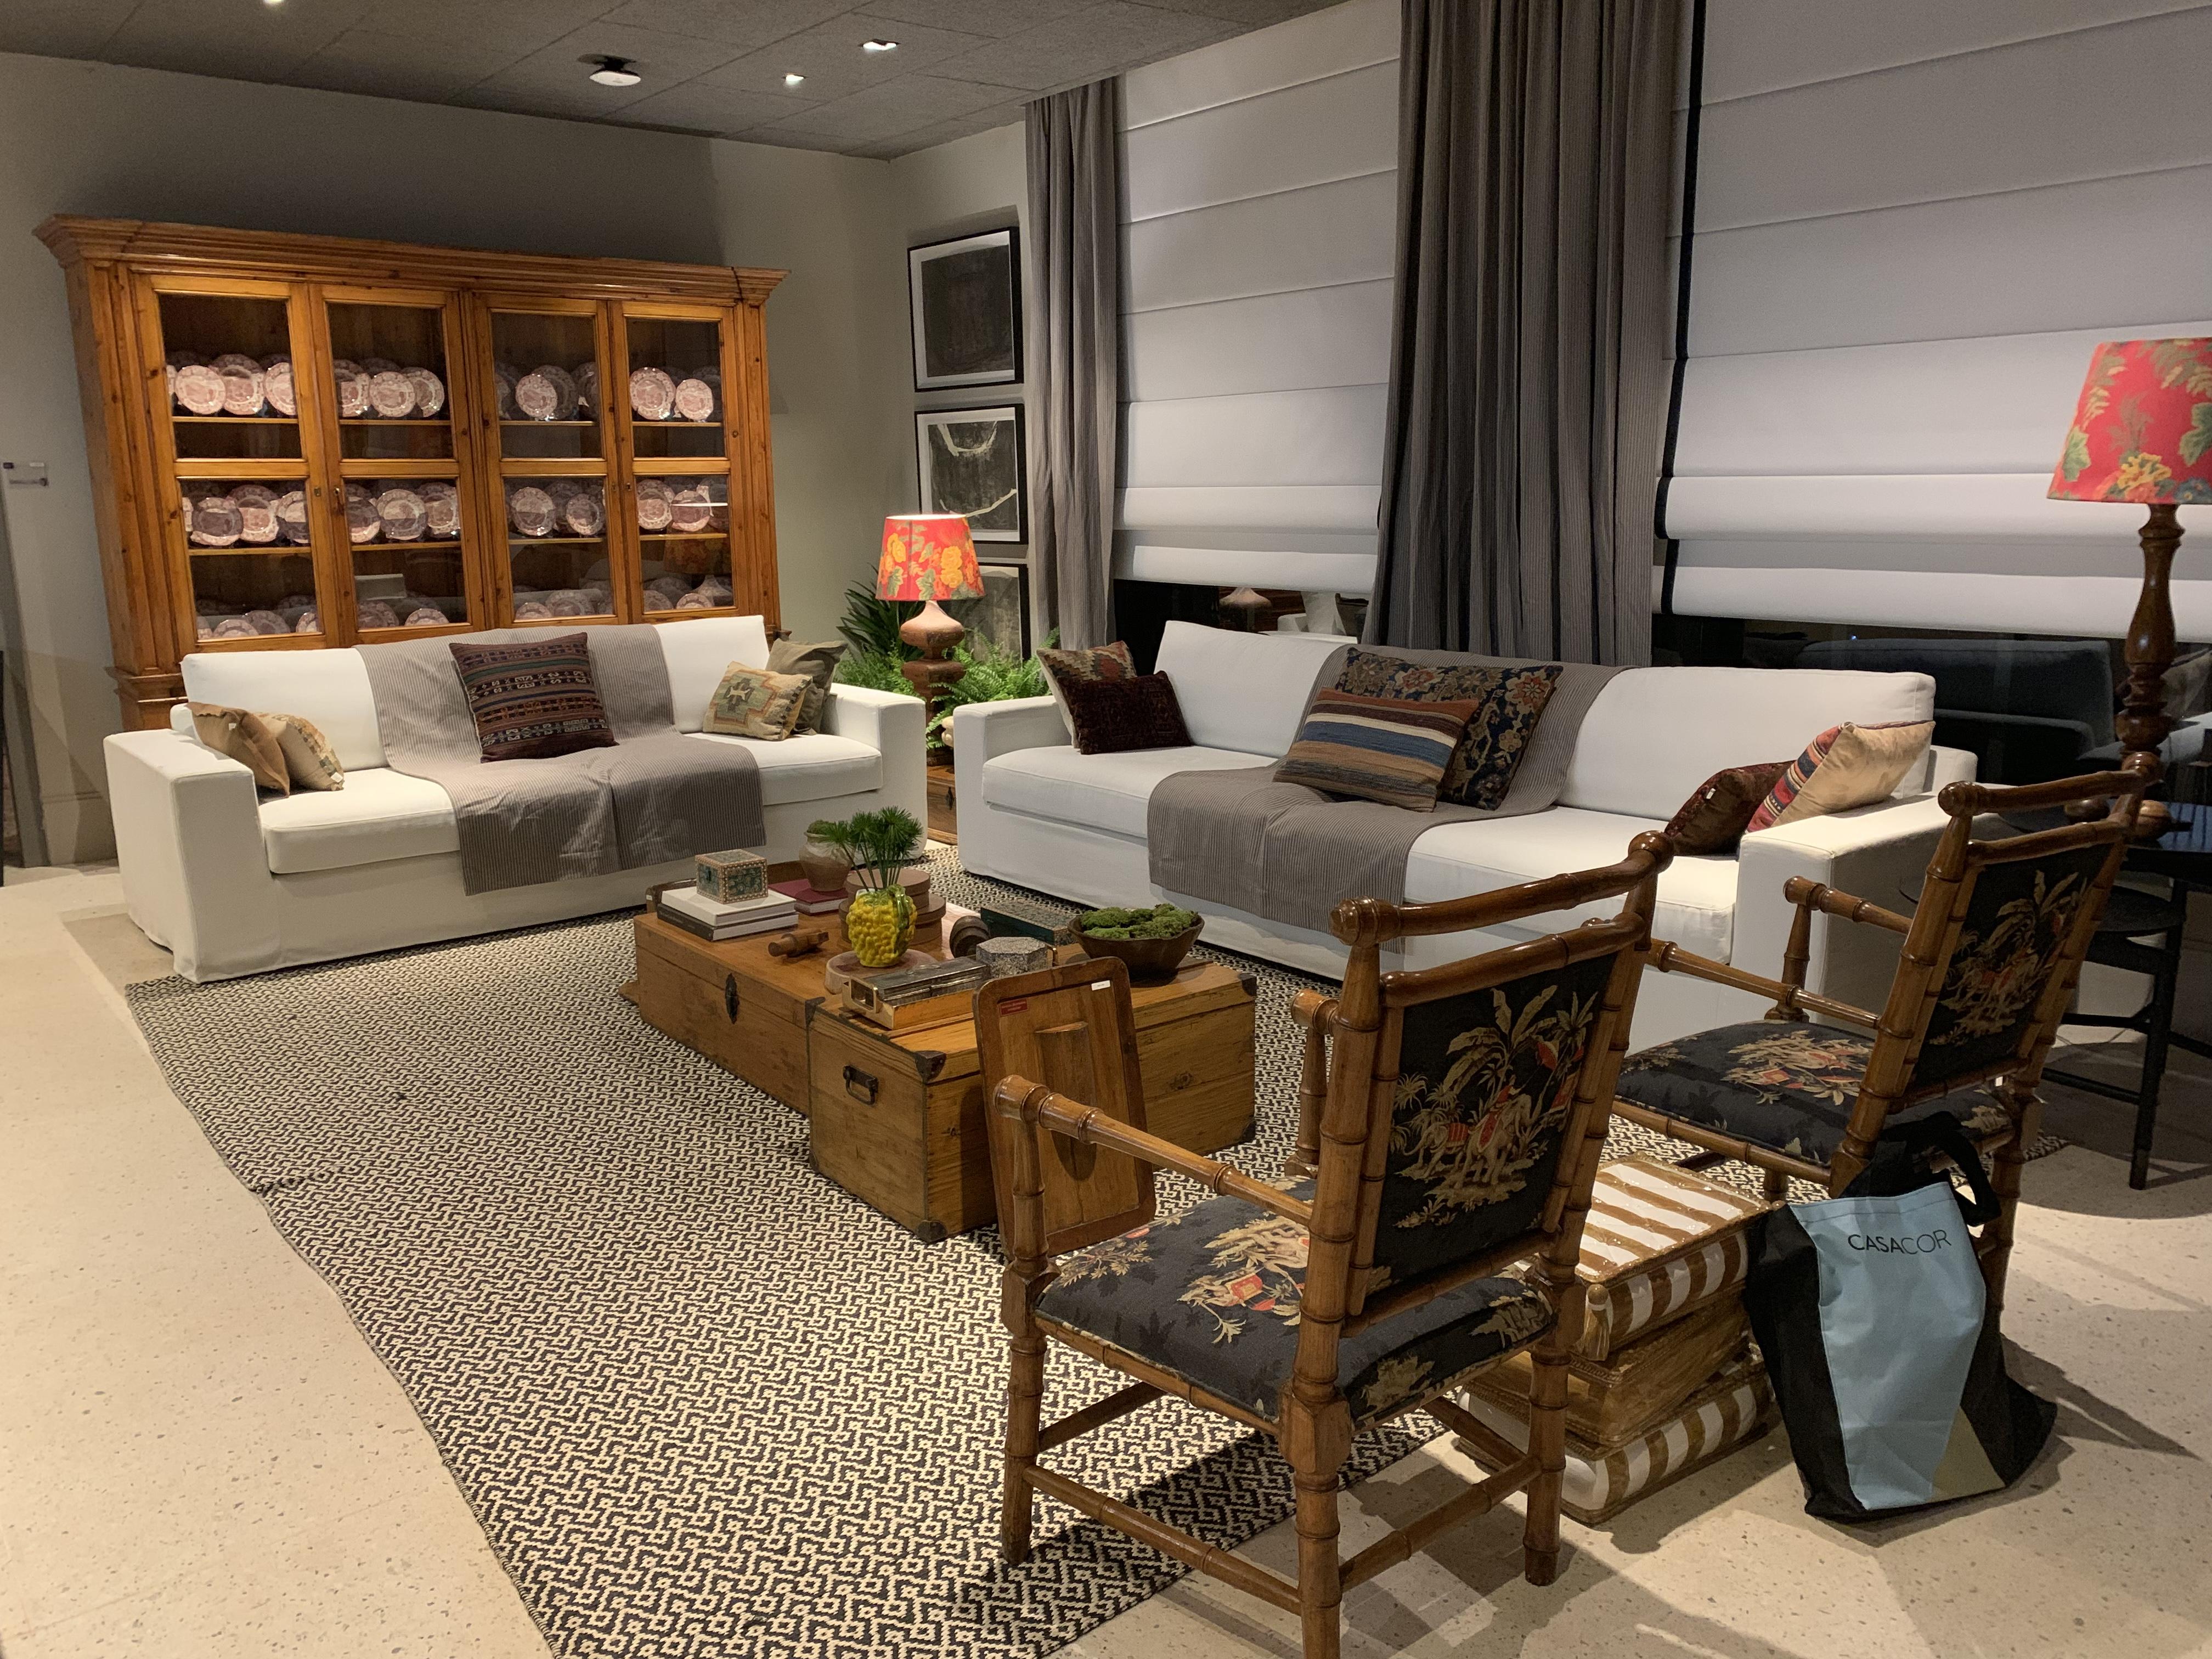 Área do bar com as cores preto e branco, como predominantes, sofá branco, duas poltronas pretas, baus de madeira, persinas brancas, tapete étnico e armário de madeira antigo.